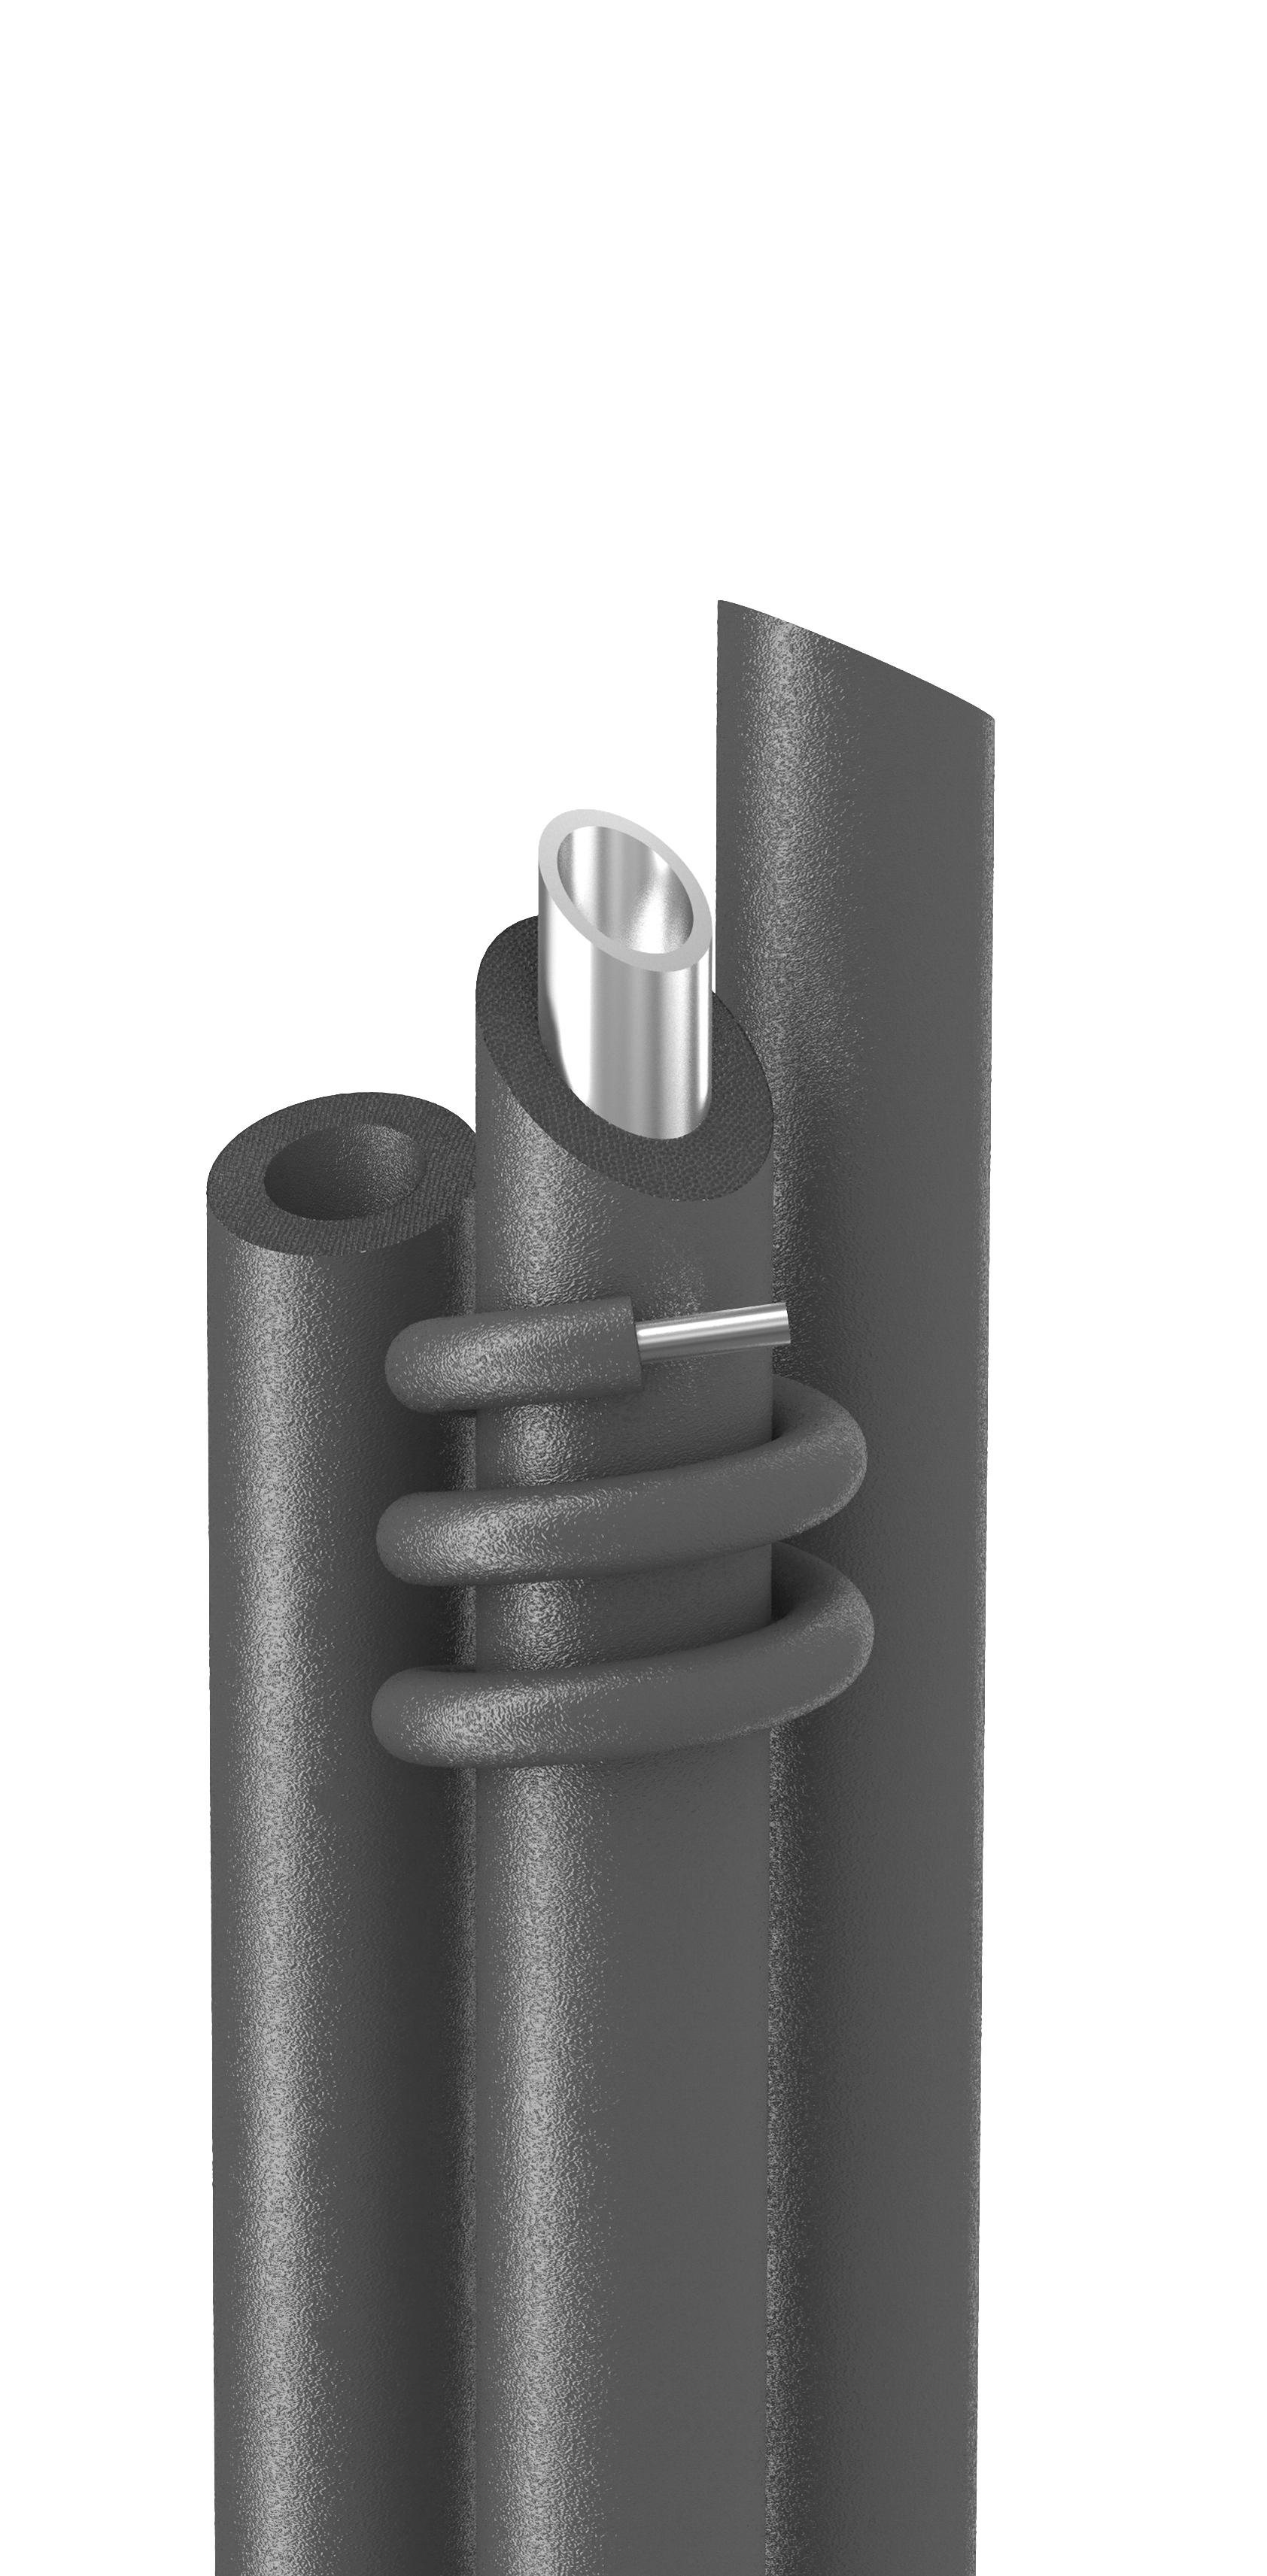 Трубки Energoflex толщ.20мм диам.22